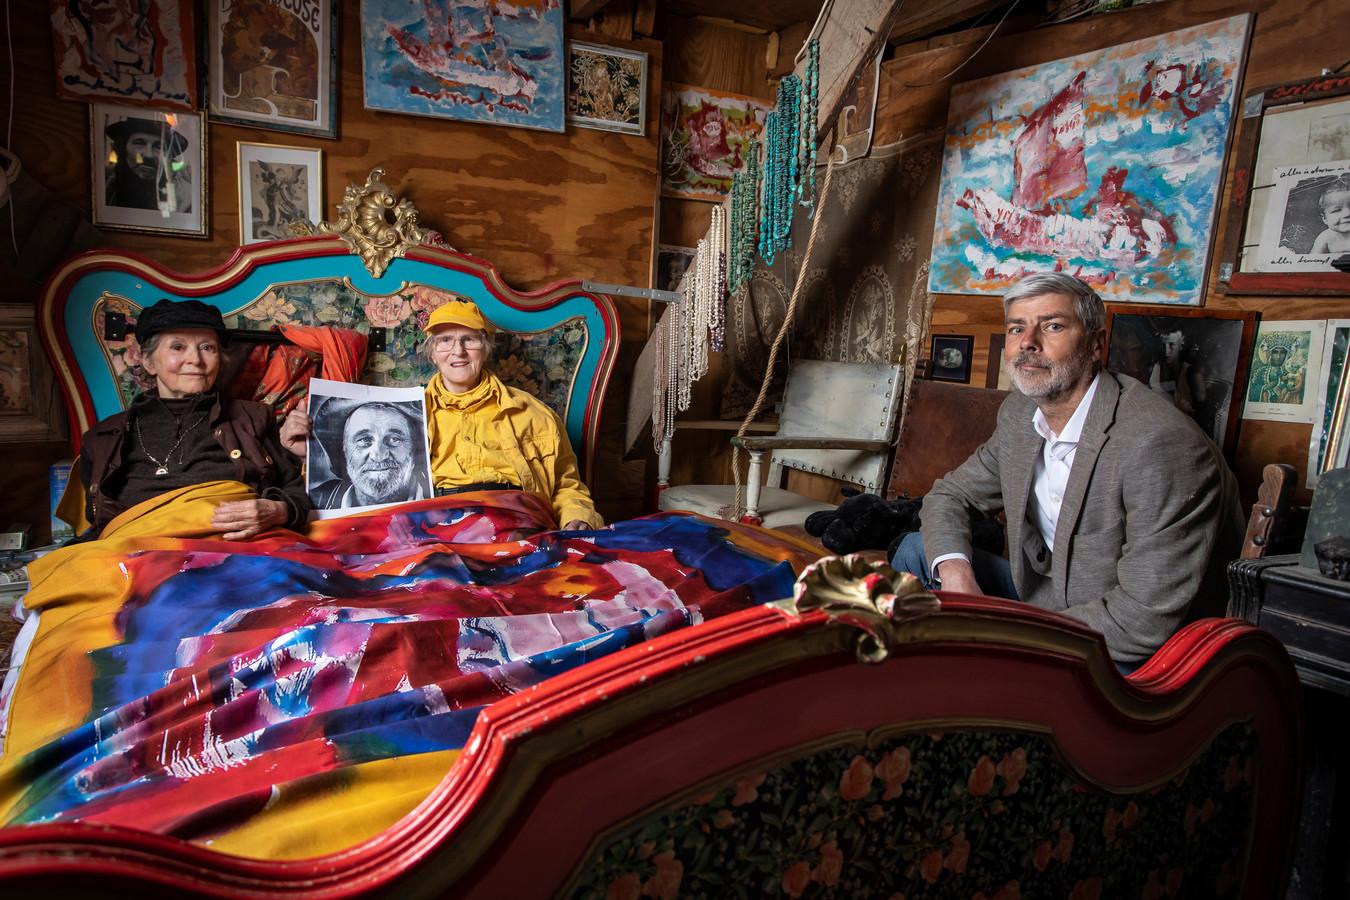 Ewald Poorthuis, directeur Twentse Damast, aan de rand van het bed met Joke (in het geel) en Lotti, twee van de 'bruiden' van wijlen Anton Heyboer. Ze liggen onder het dekbedovertrek met afdruk van Hyboers schilderij 'De Danseres.'